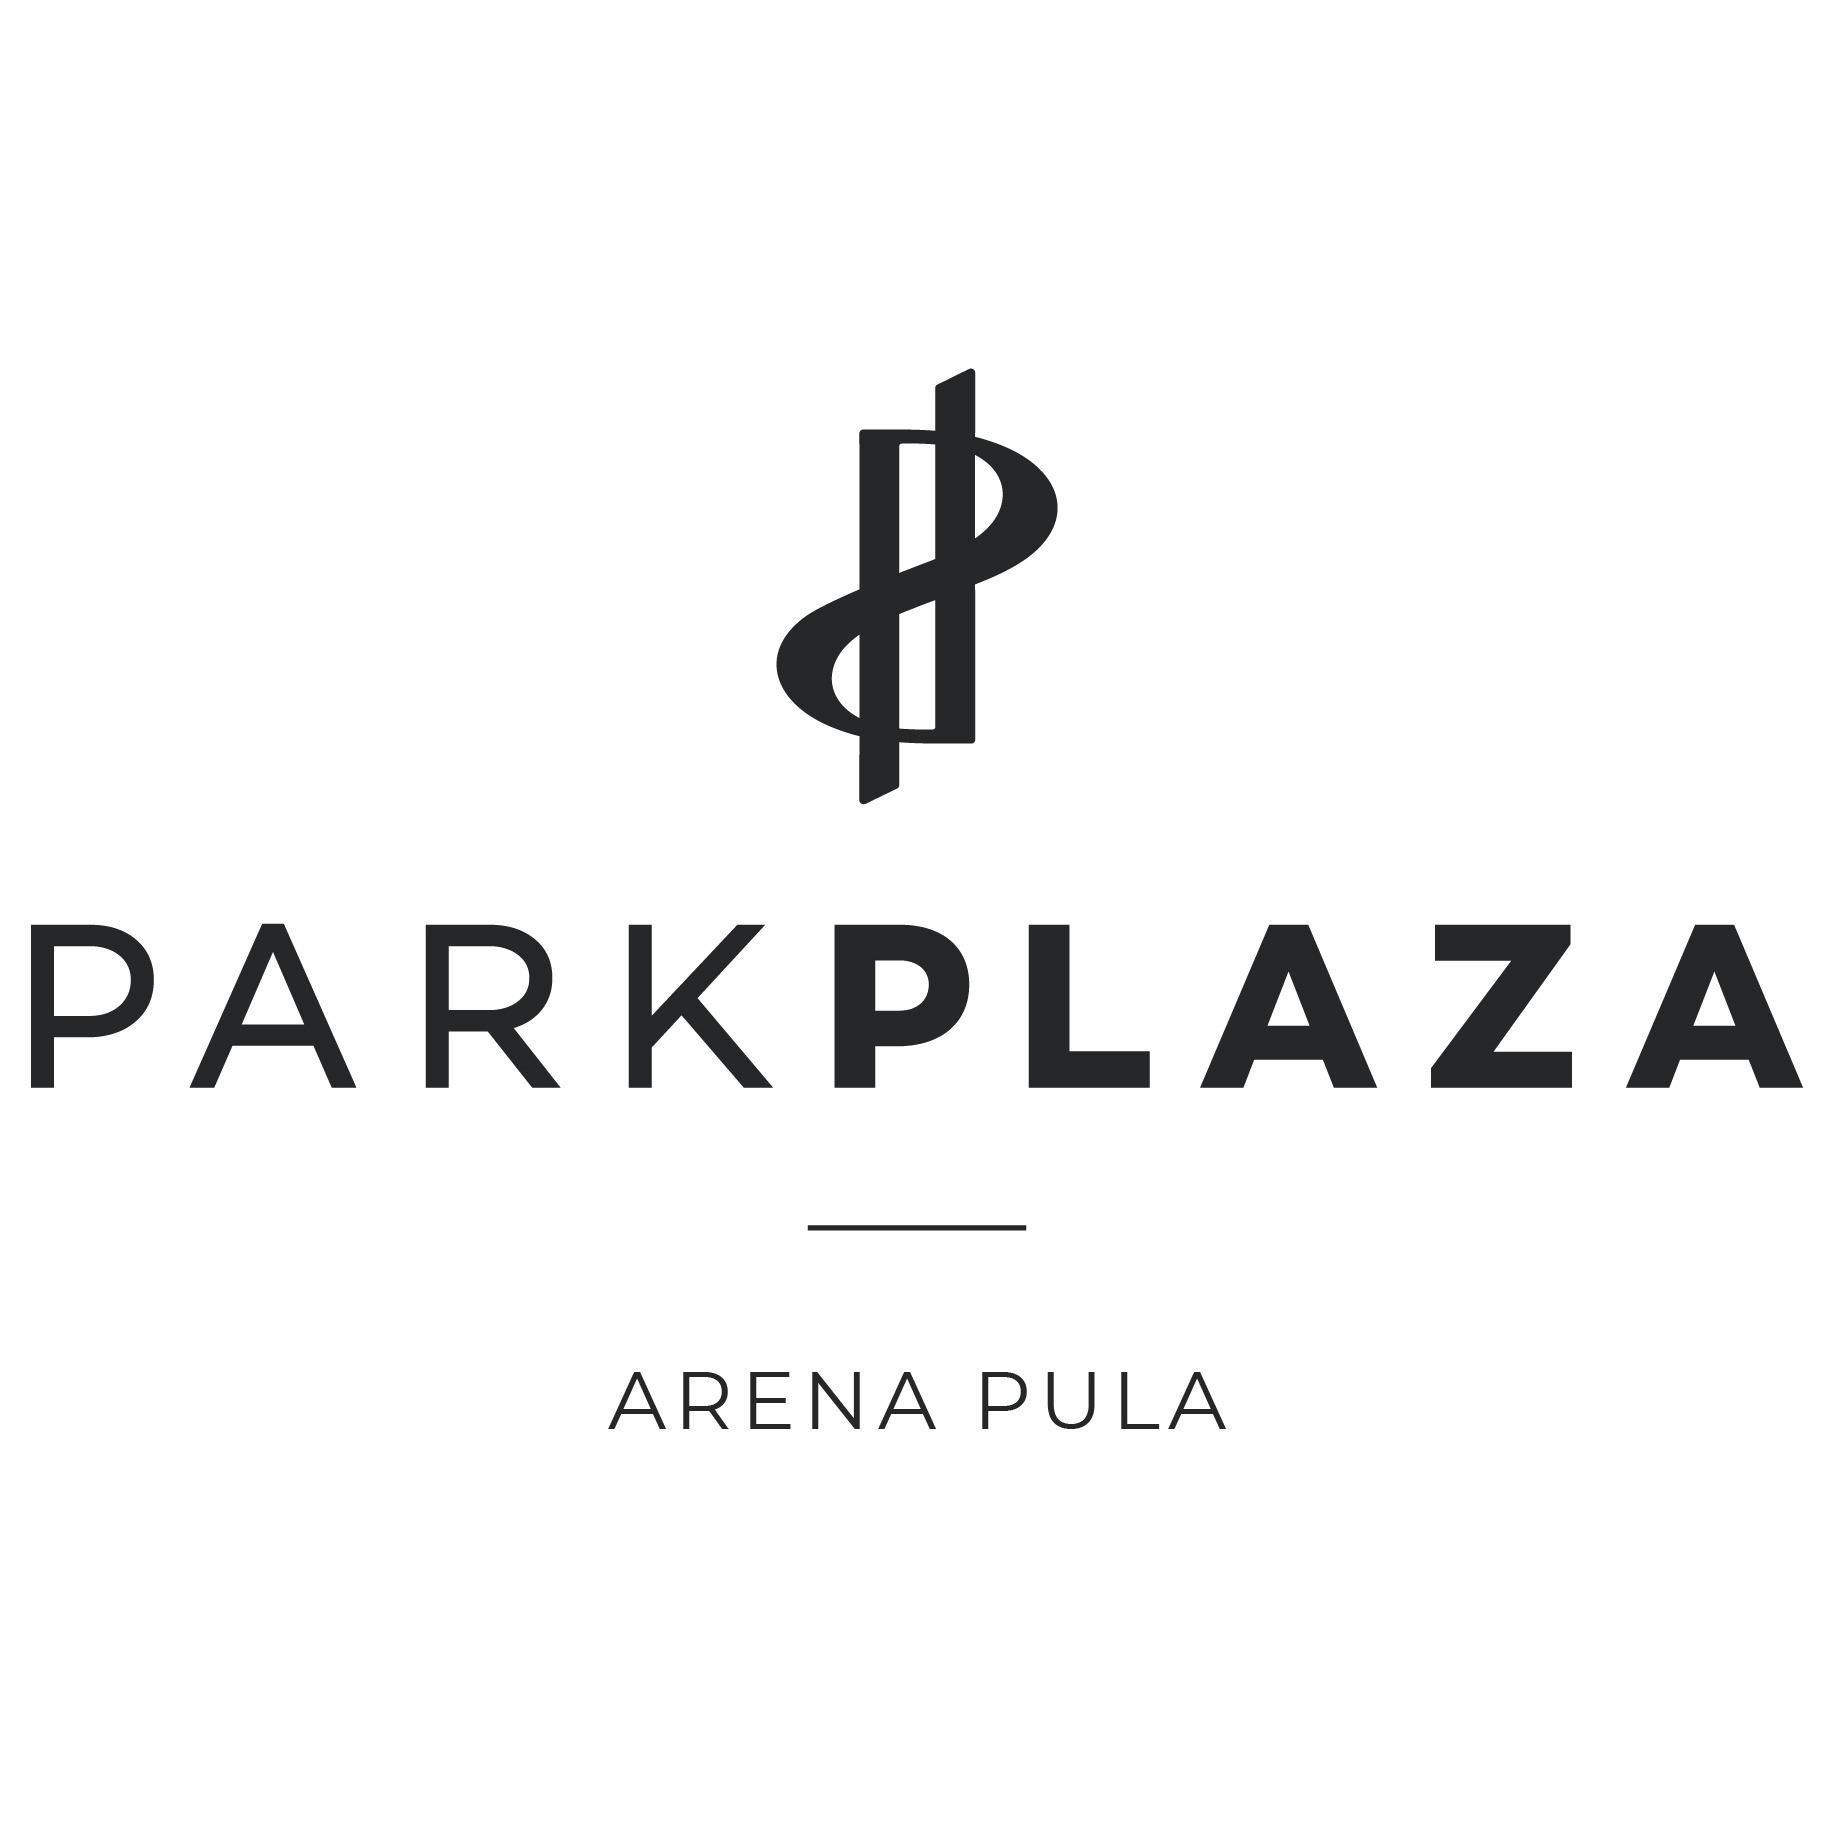 Park Plaza Arena Pula